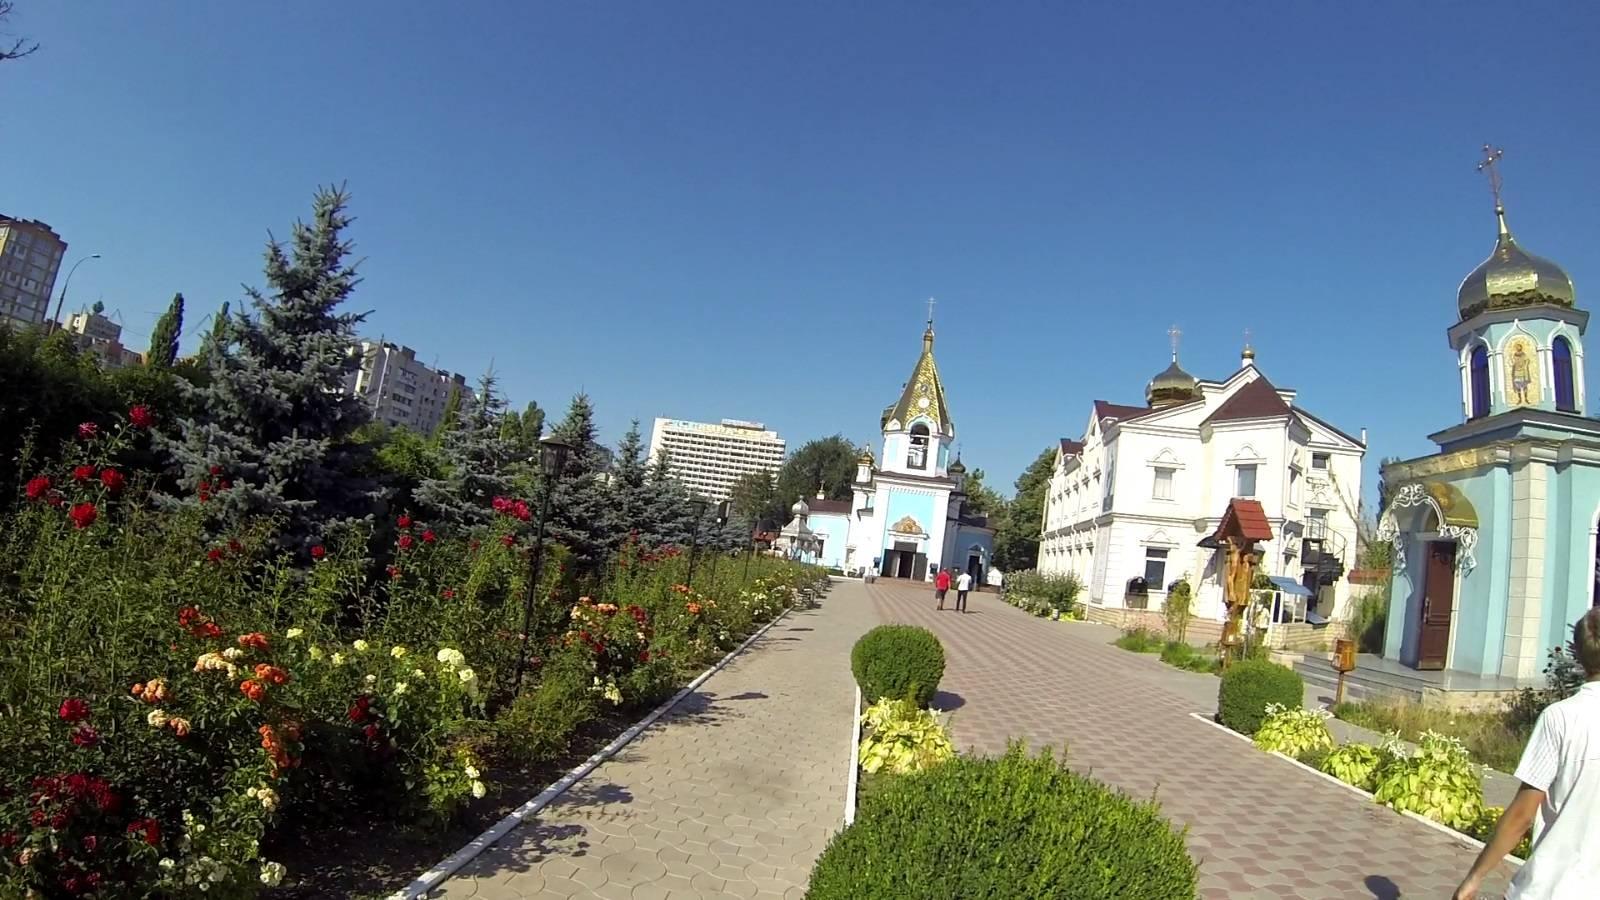 Photo 2: Chisinau - capitale Moldave si peu visitée